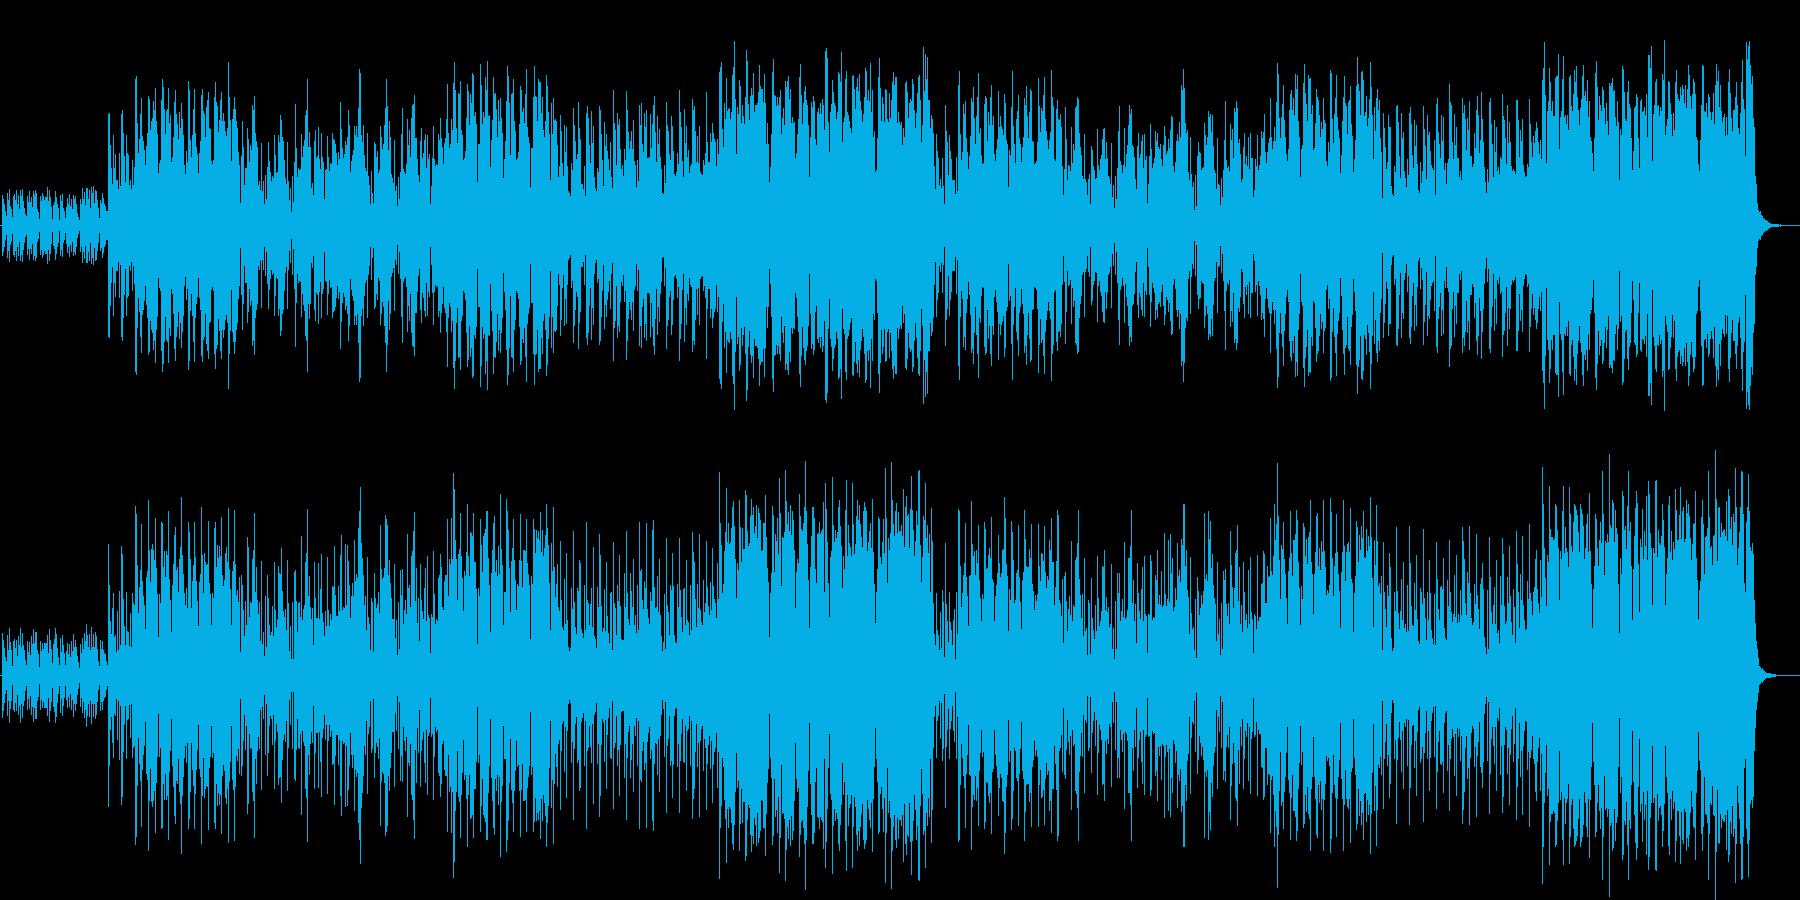 ワクワクする雰囲気のアイリッシュの再生済みの波形